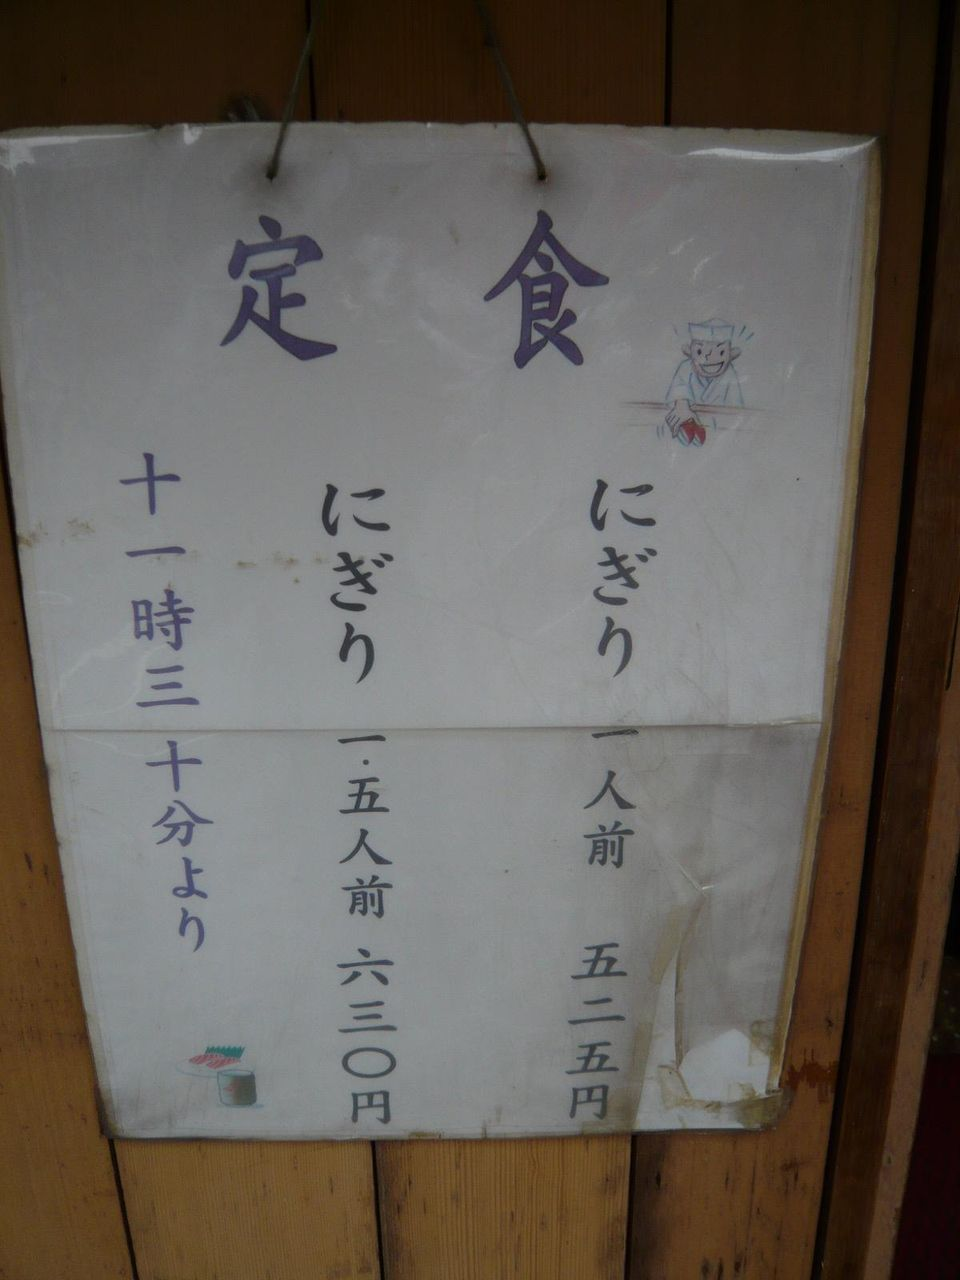 栄寿司のランチメニュー